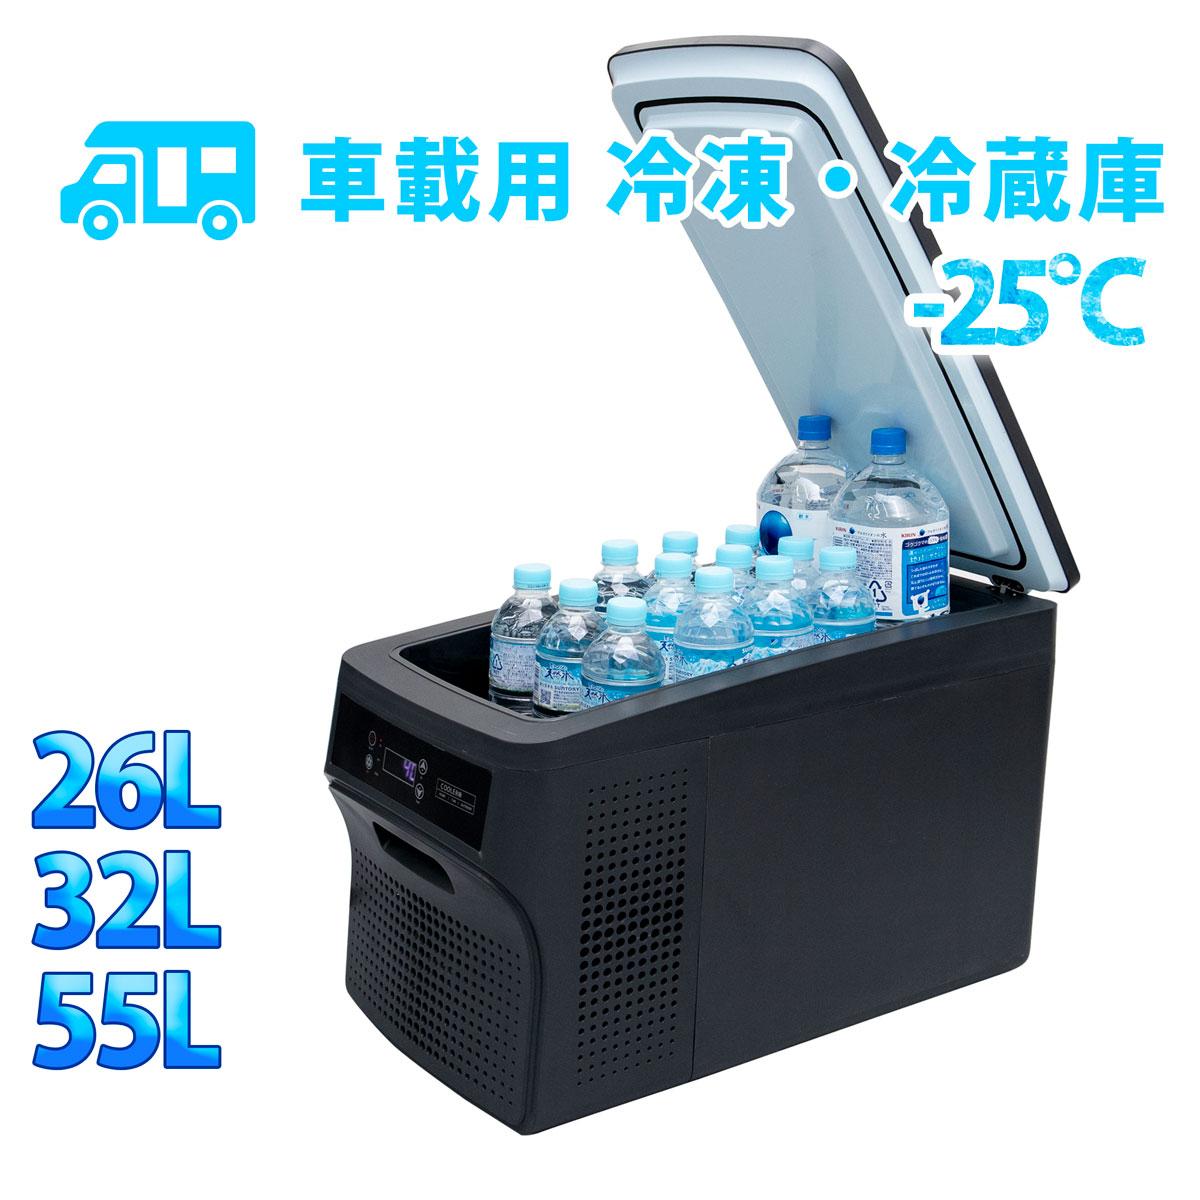 車載 ポータブル 冷凍冷蔵庫 12V/24V兼用 電源コード付 容量【26L・32L・55L】 1年保証